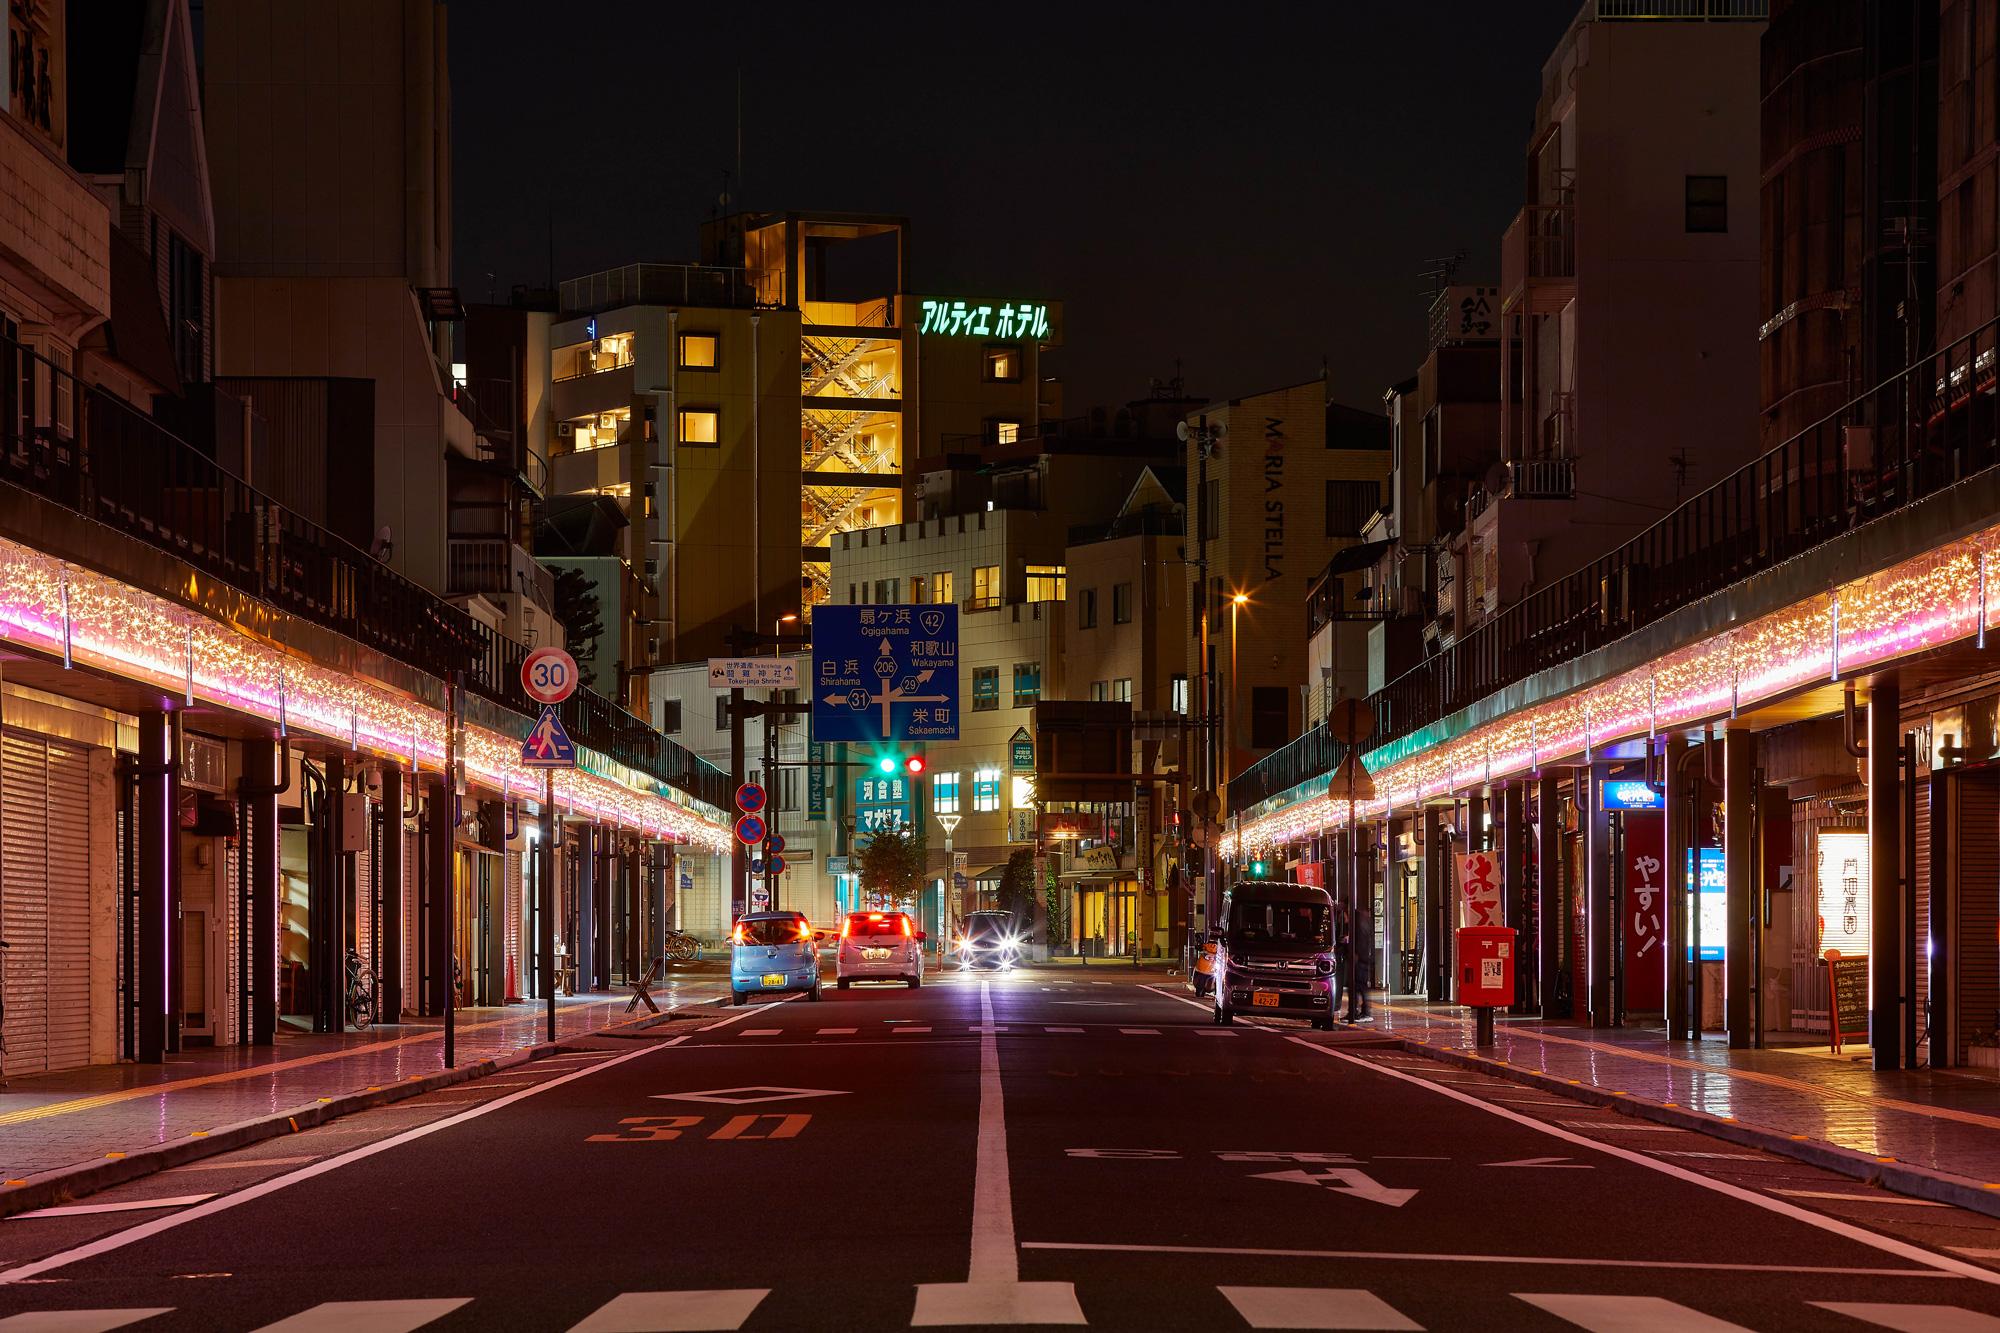 田辺市商店街のイルミネーションの写真